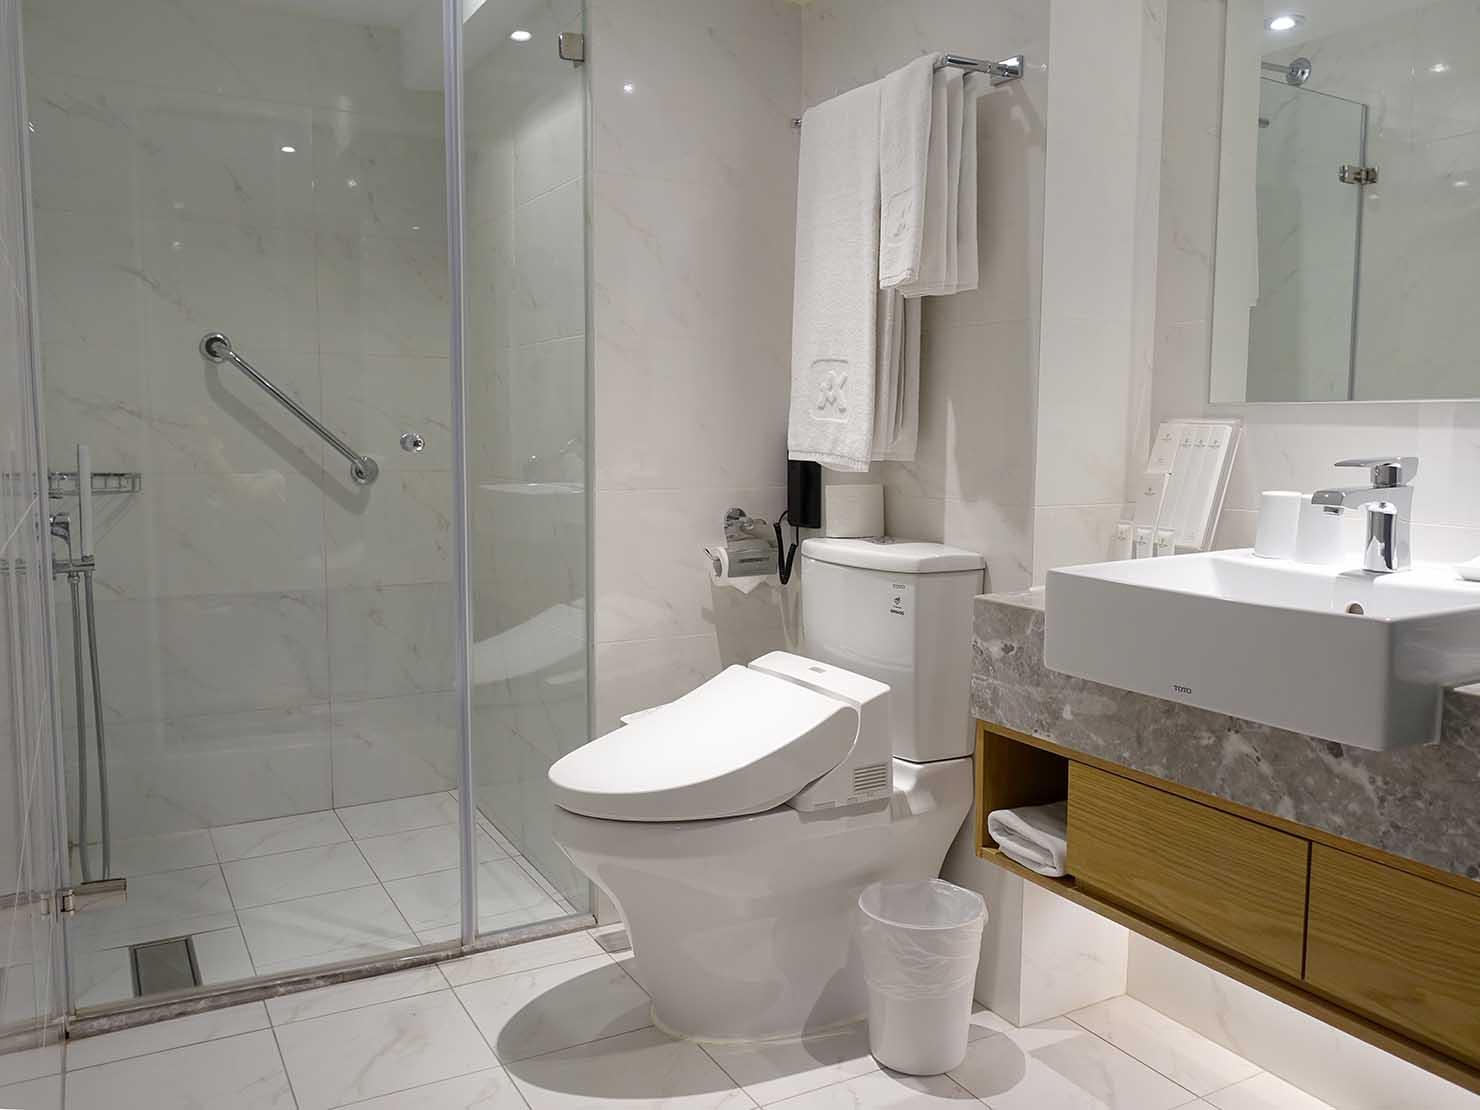 台中のおすすめホテル「卡爾登飯店 The Carlton」デラックスダブルルームの浴室